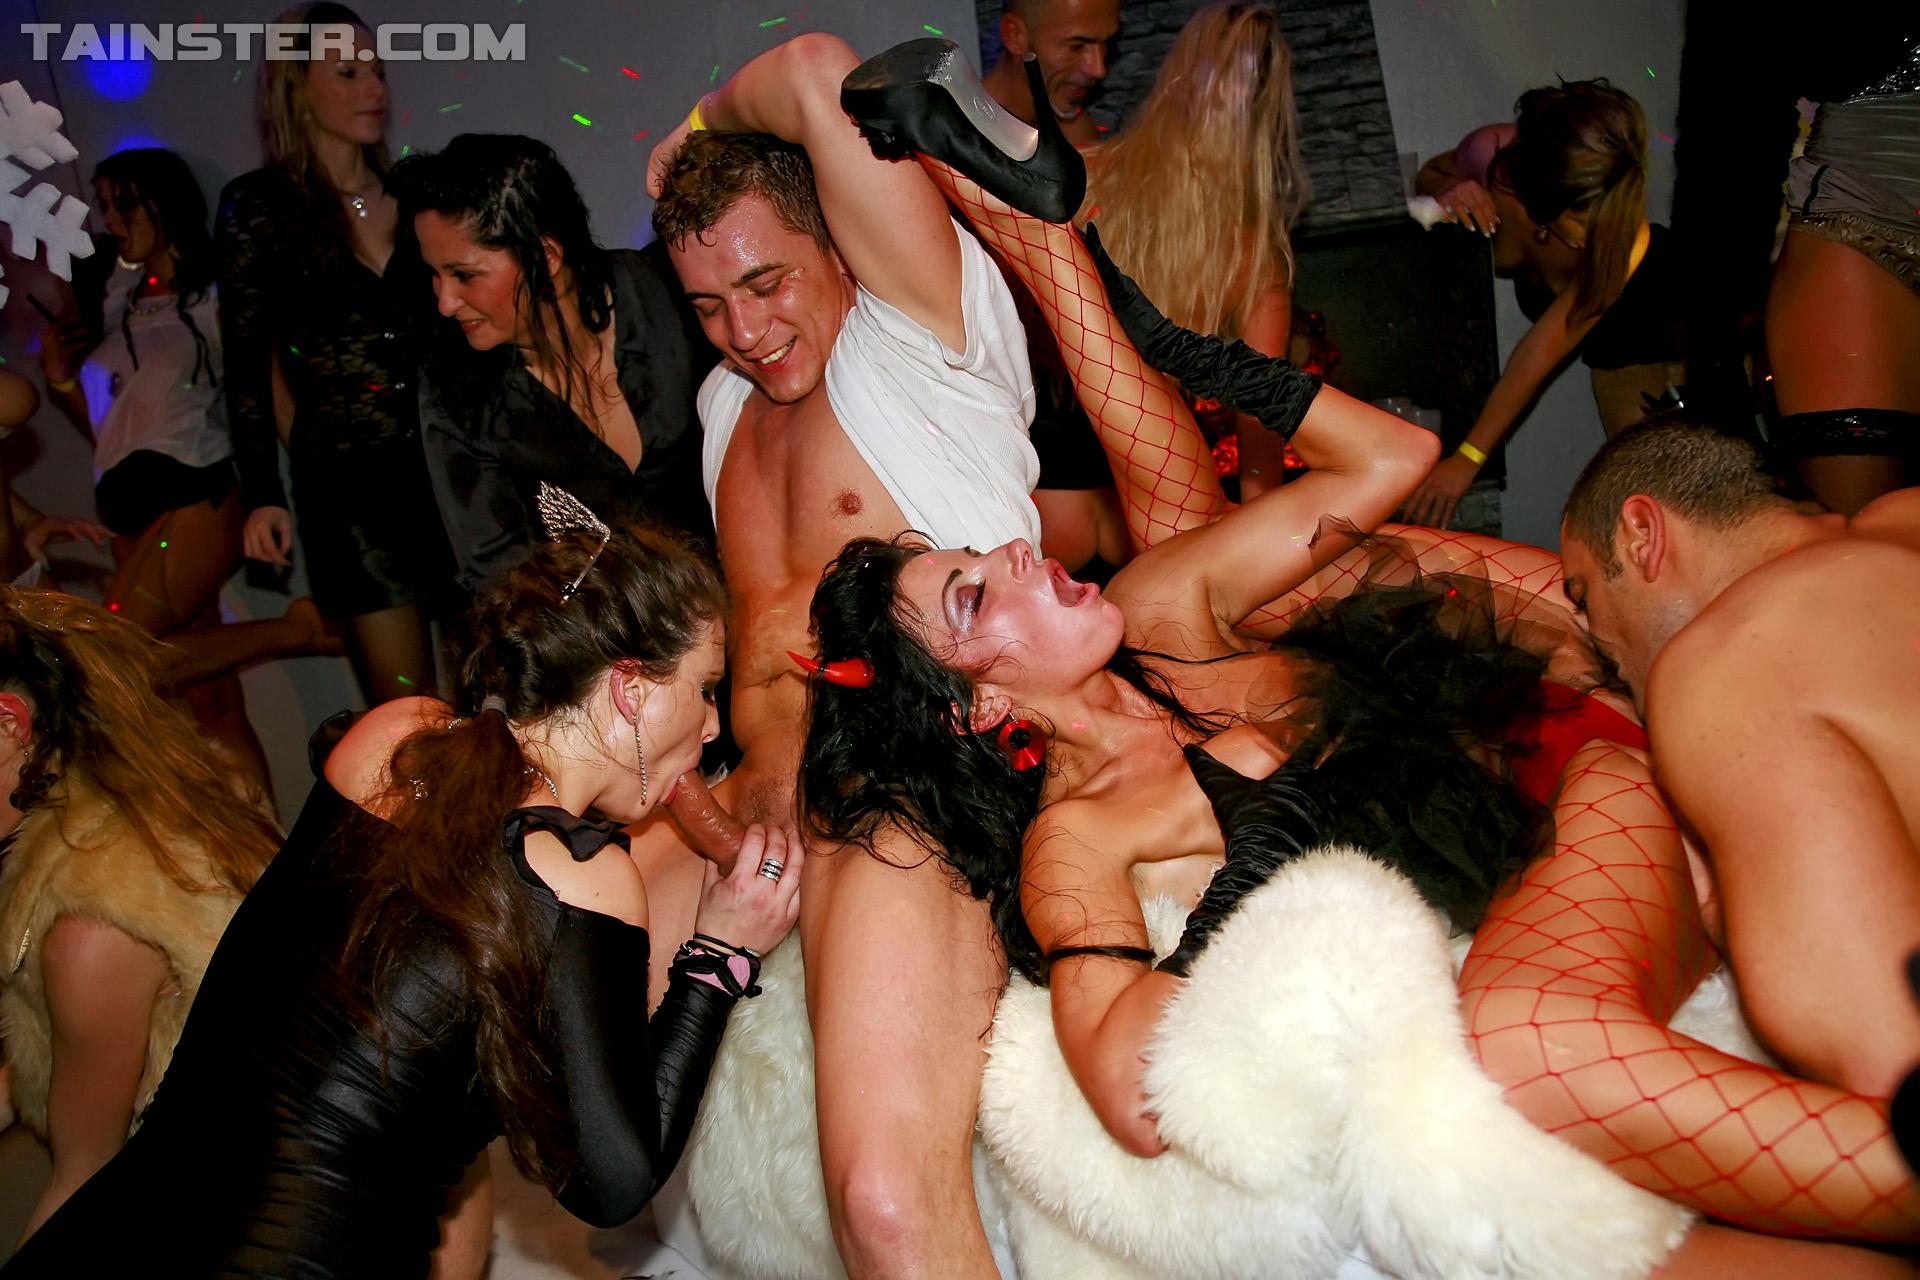 Секс ночном клубе 23 фотография